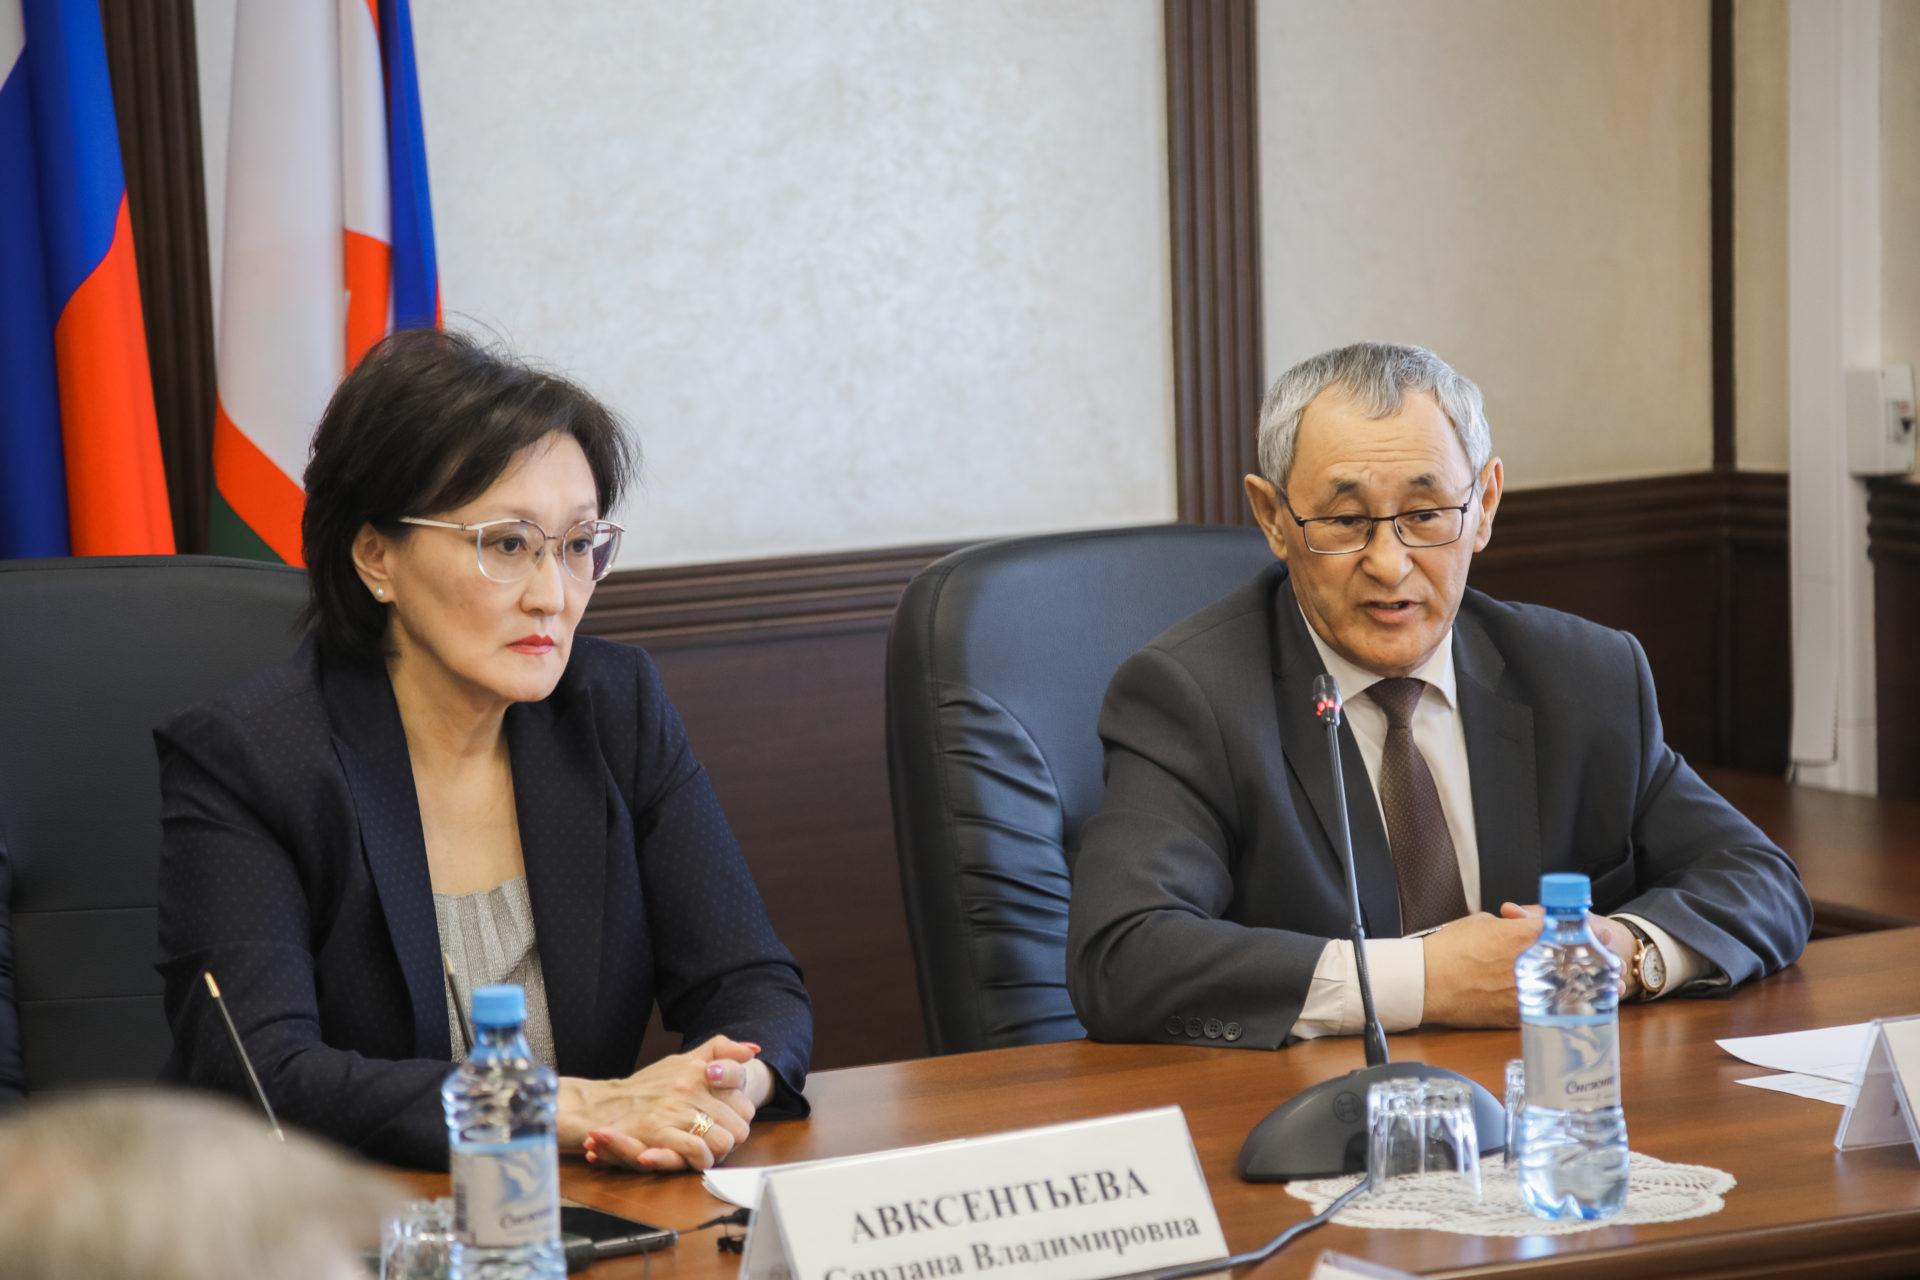 Год Добрососедства: В Якутске усилят защиту прав и интересов трудящихся